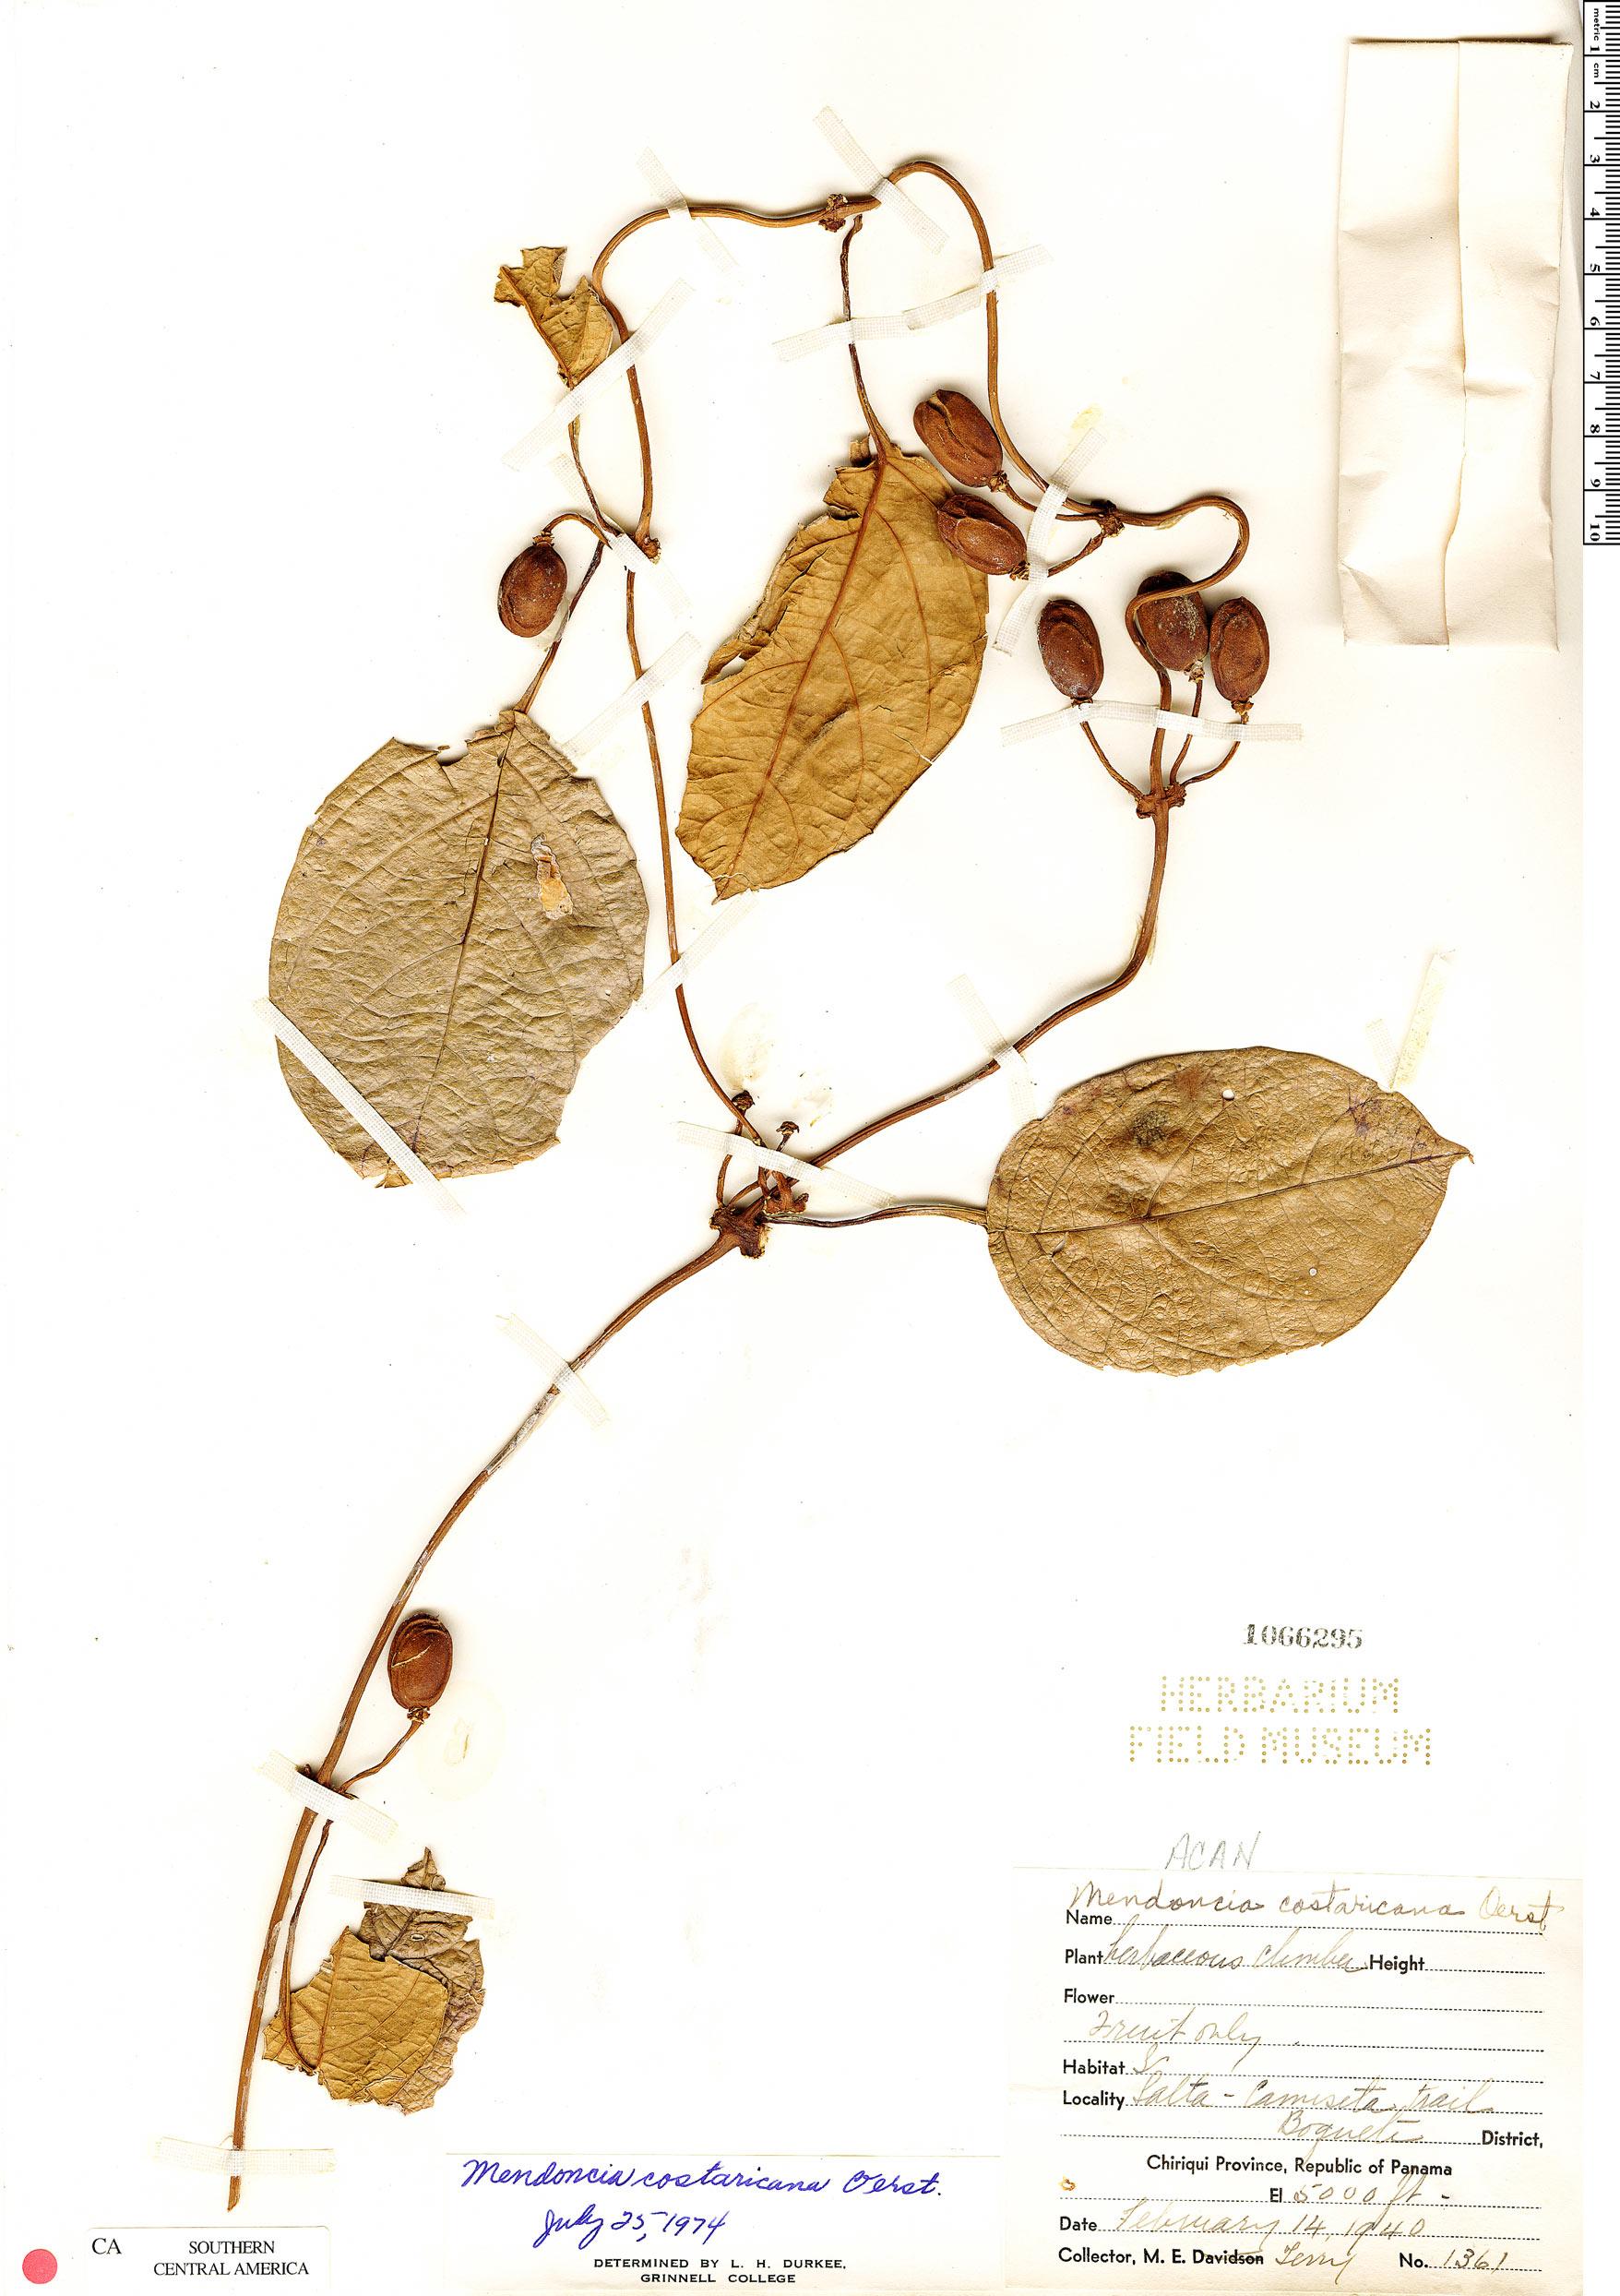 Specimen: Mendoncia costaricana